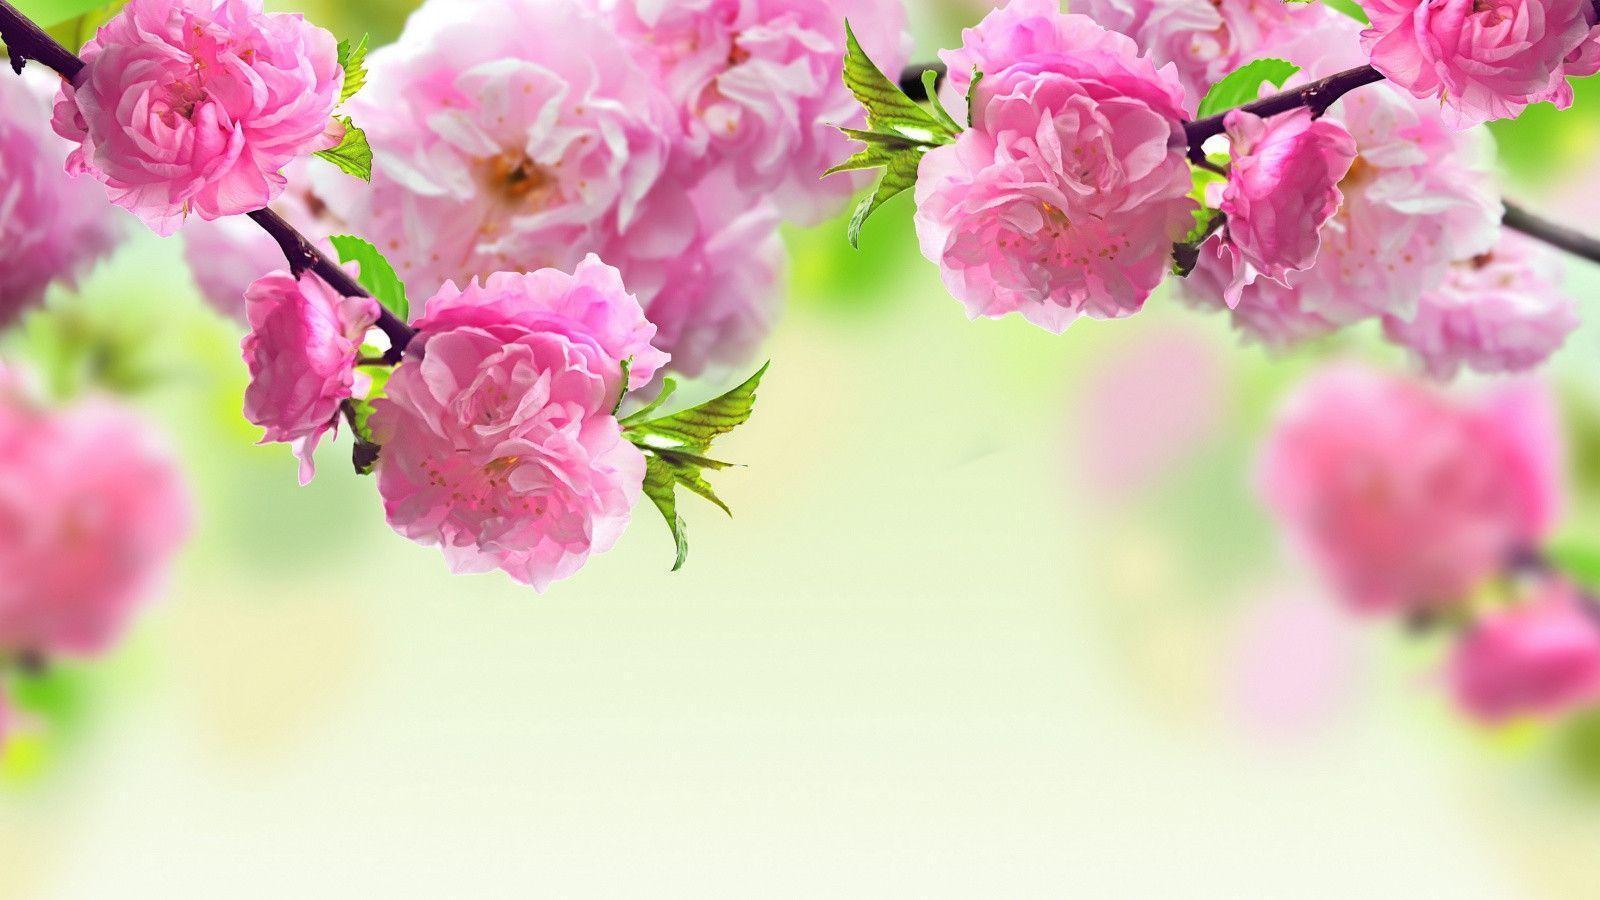 بالصور صور الورد , اجمل ورد ممكن تشوفه 3094 2